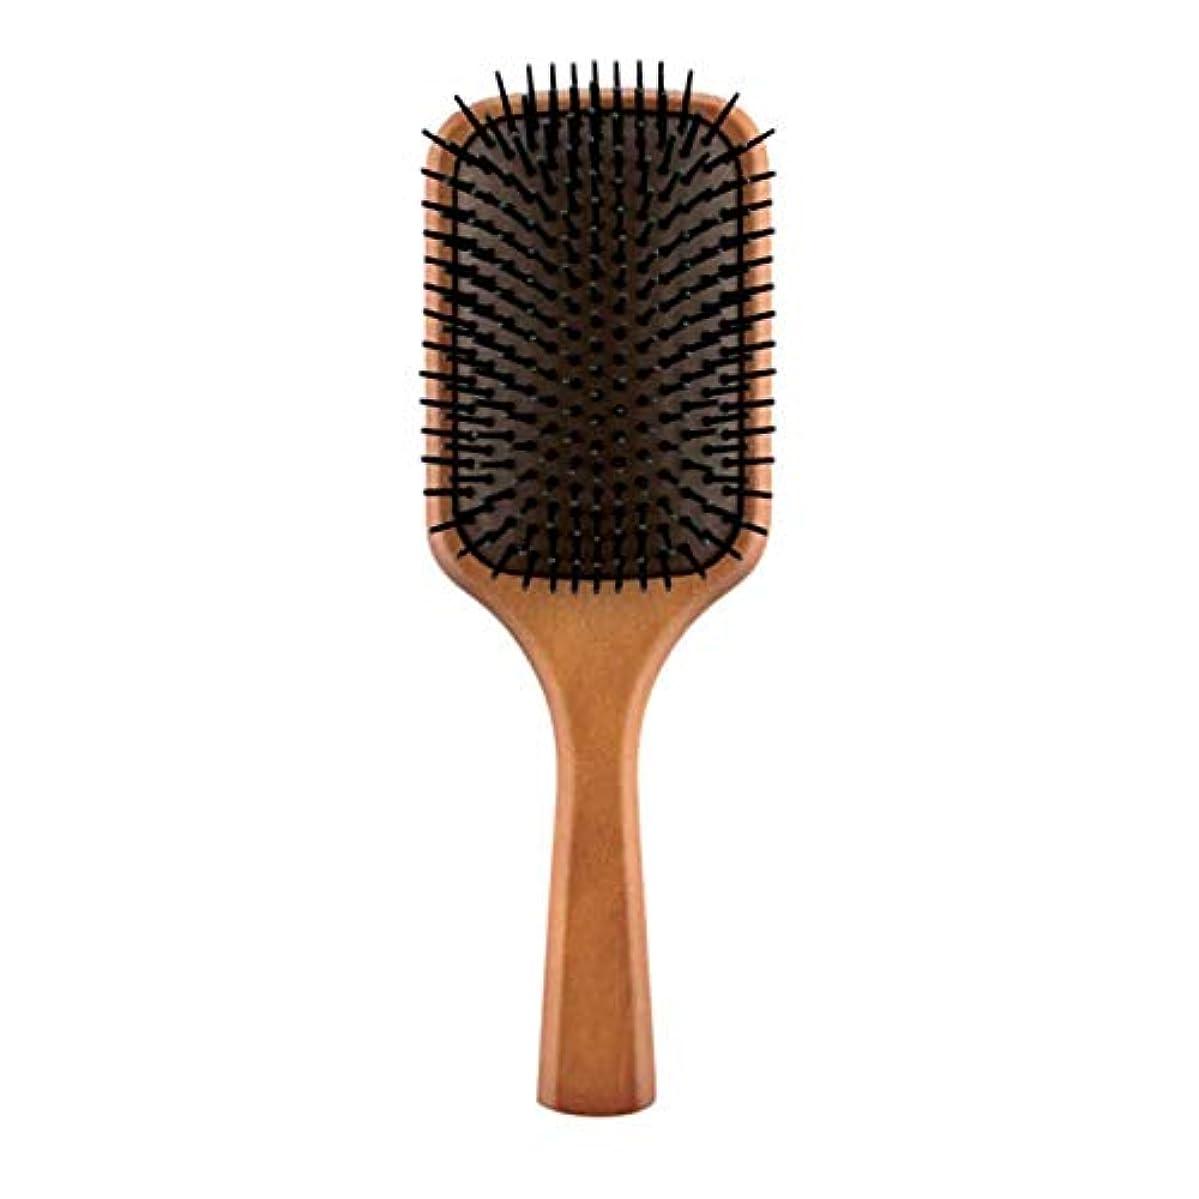 いっぱい帰る対処するヘアケア パドルブラシ 頭皮ケア InstagramなどのSNSで大人気